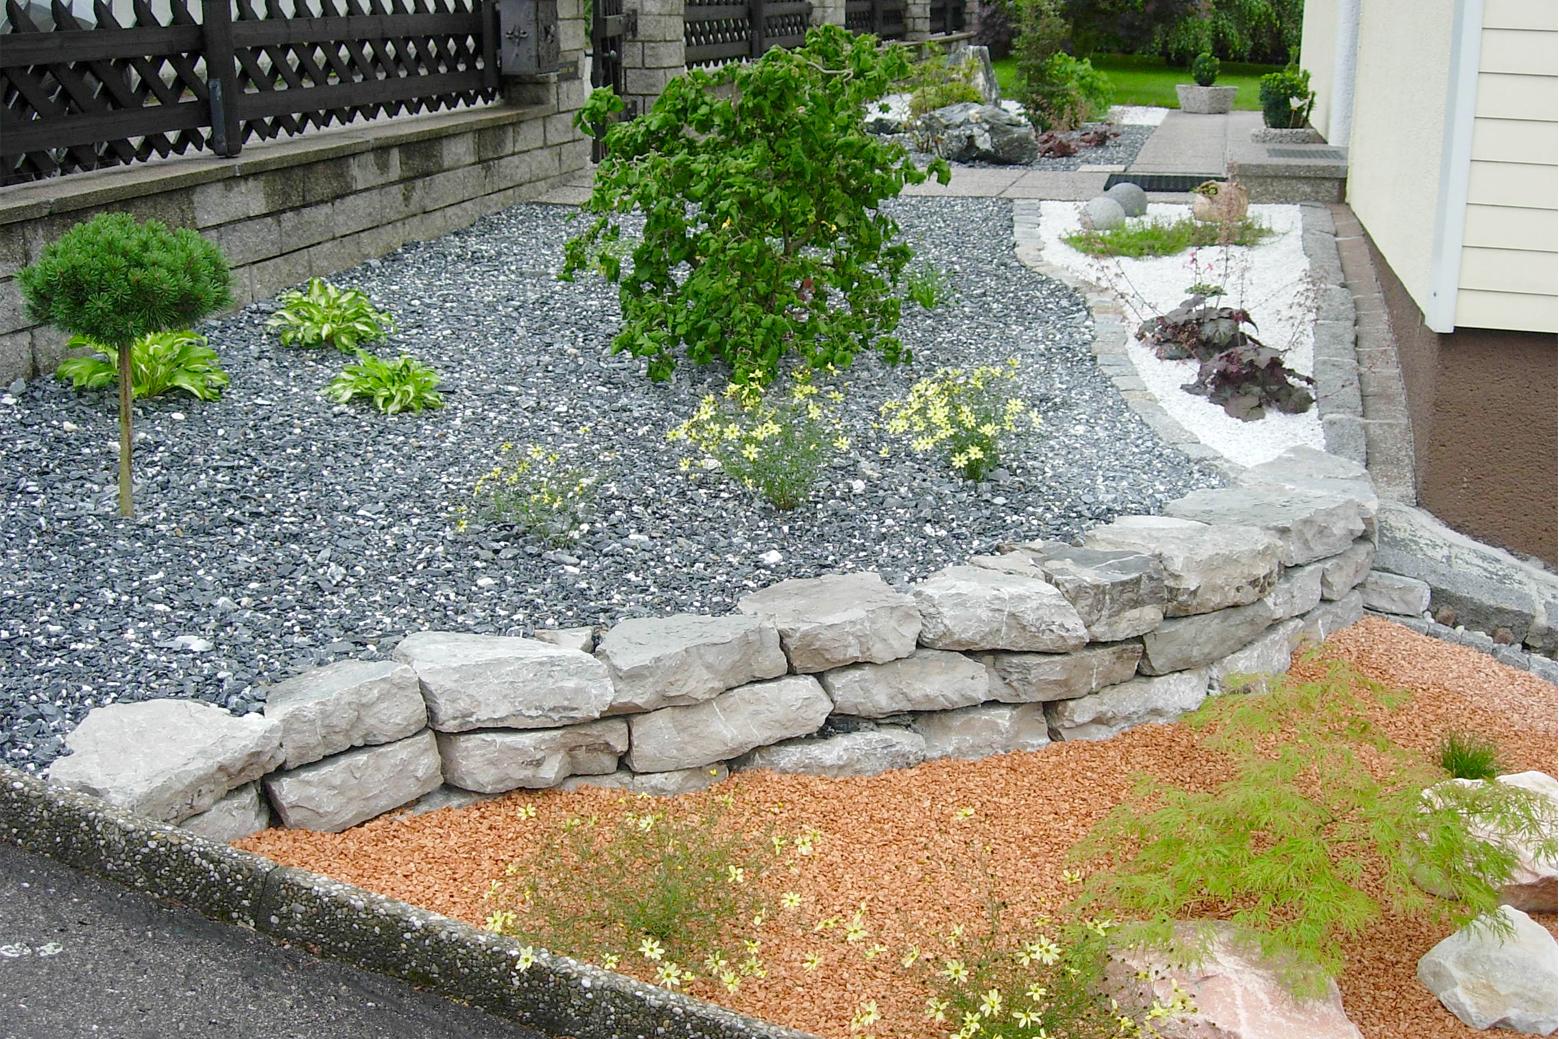 Prächtig Kiesbeete, Kiesel, Steine im Garten, Kieswege, Gartenwege, Gehwege #JC_46